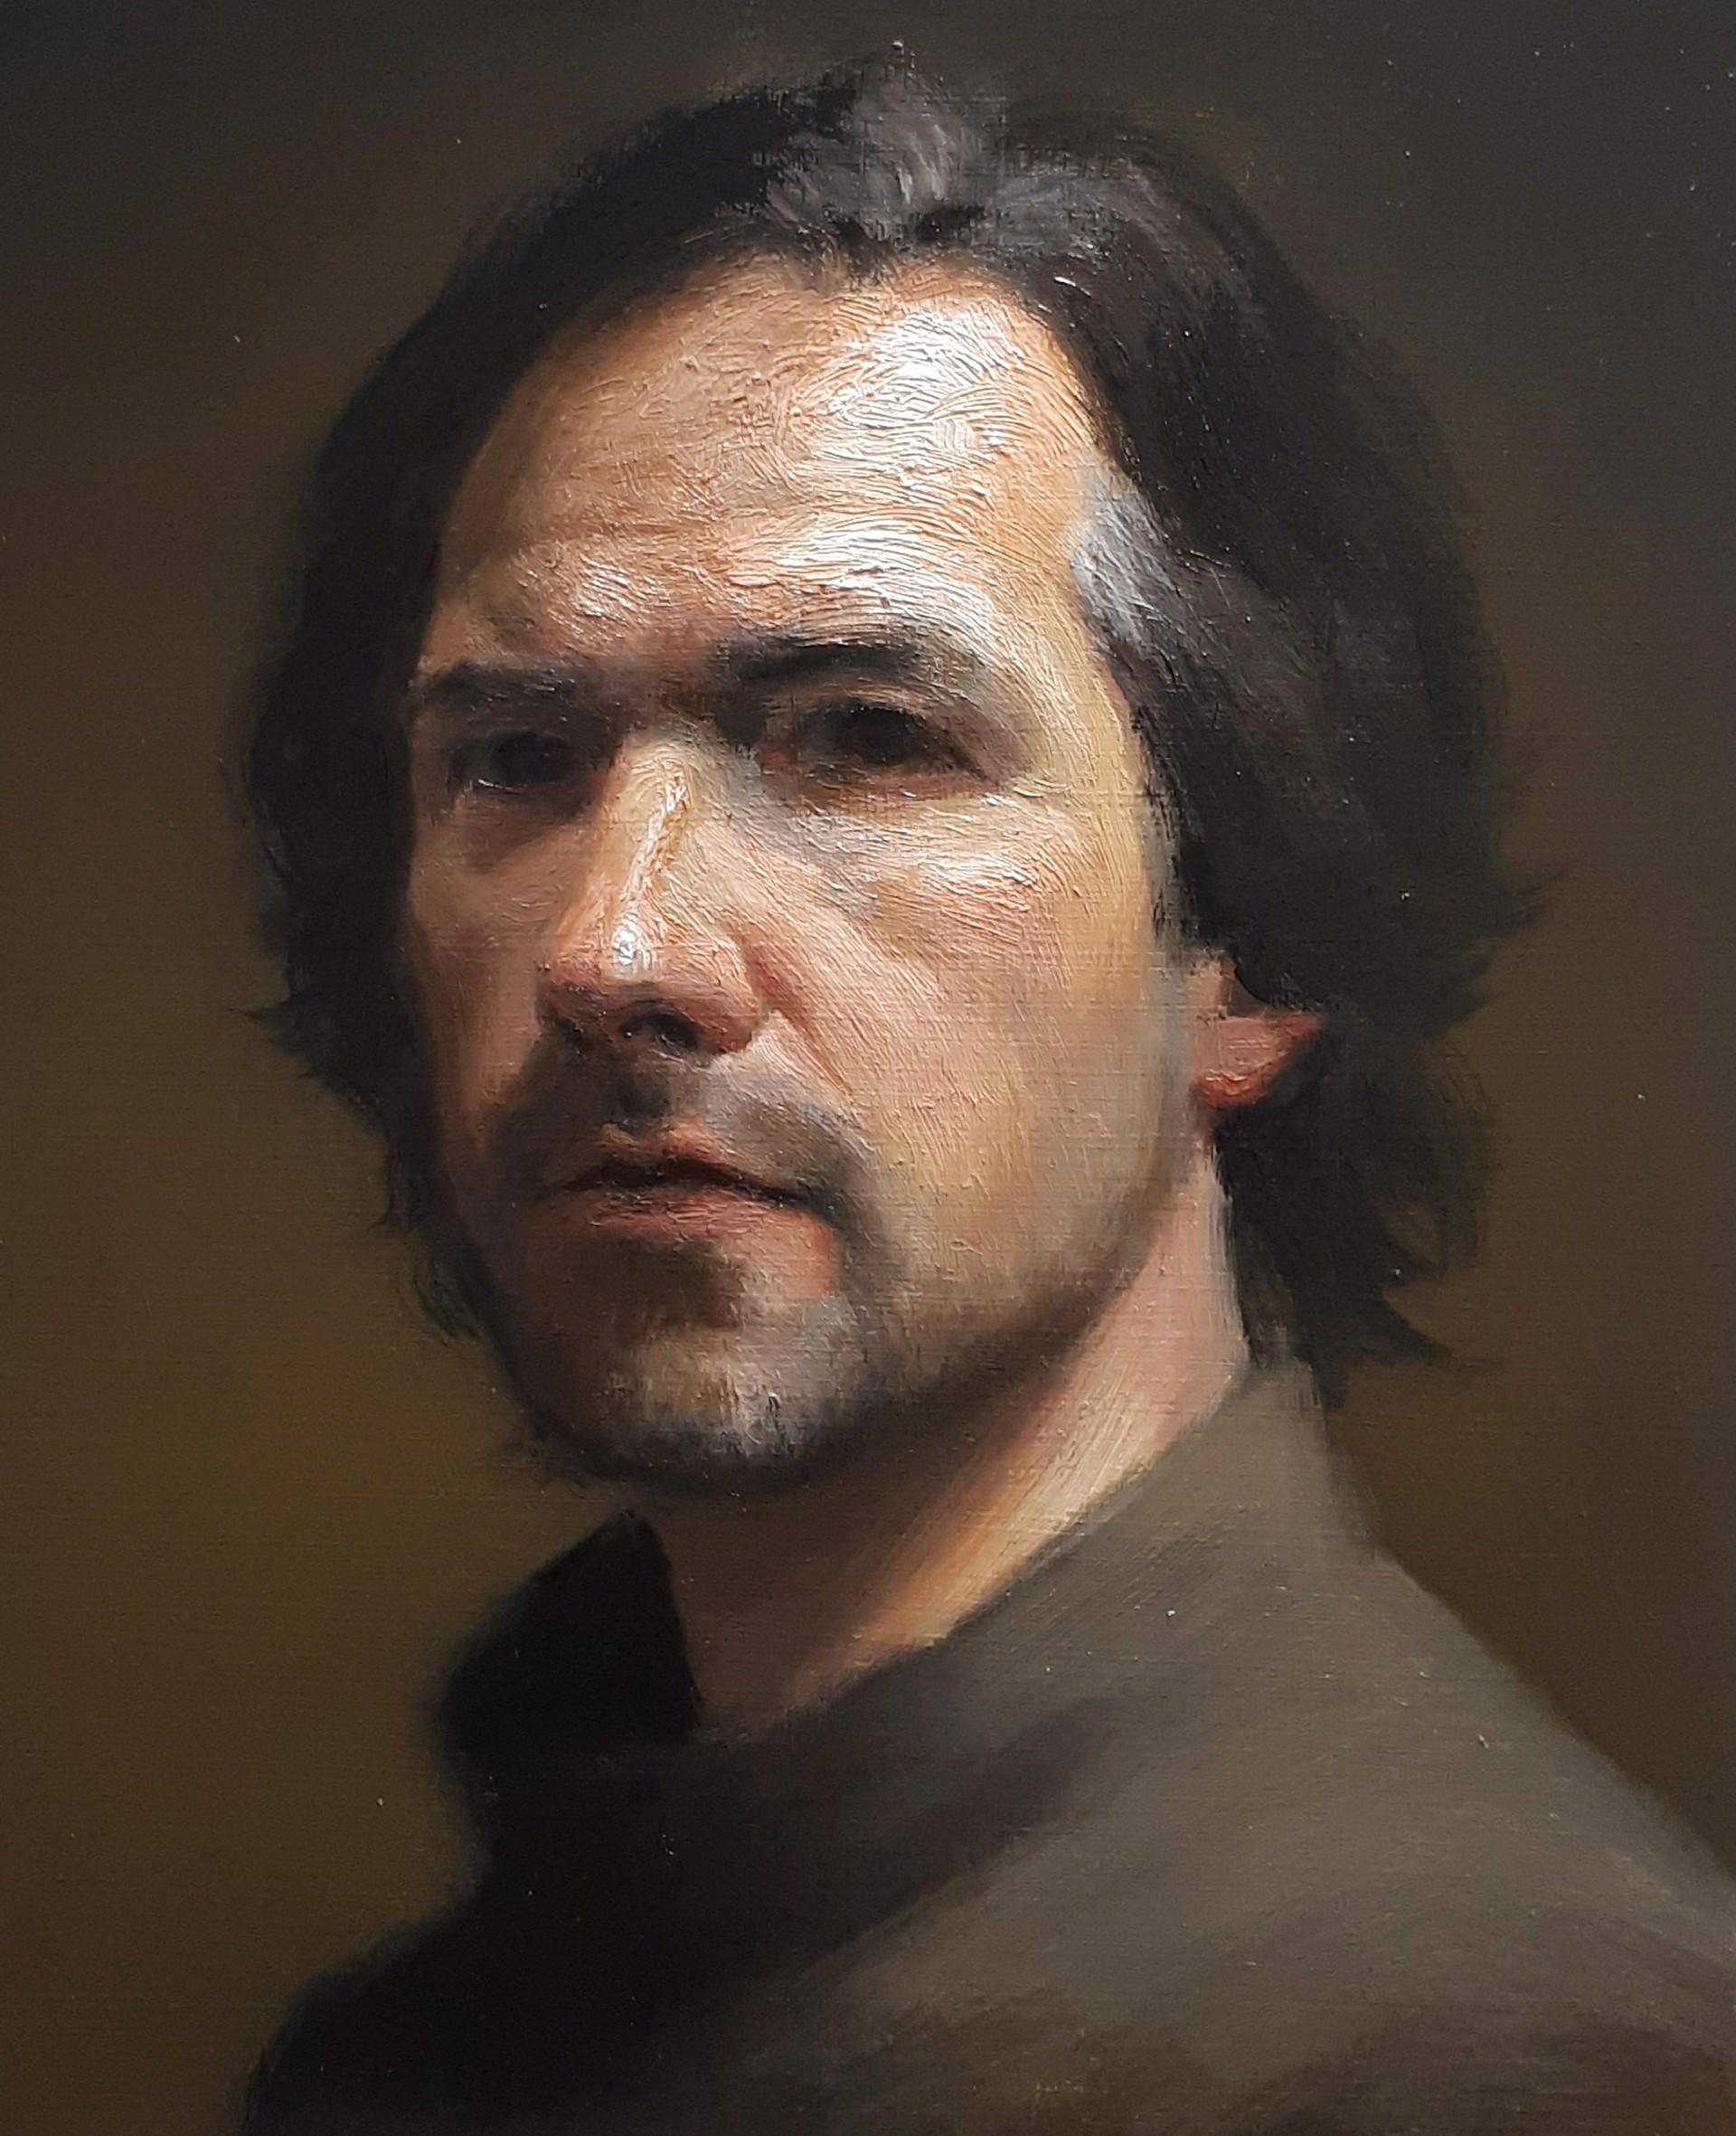 Self Portrait Commission  by Michael DeVore